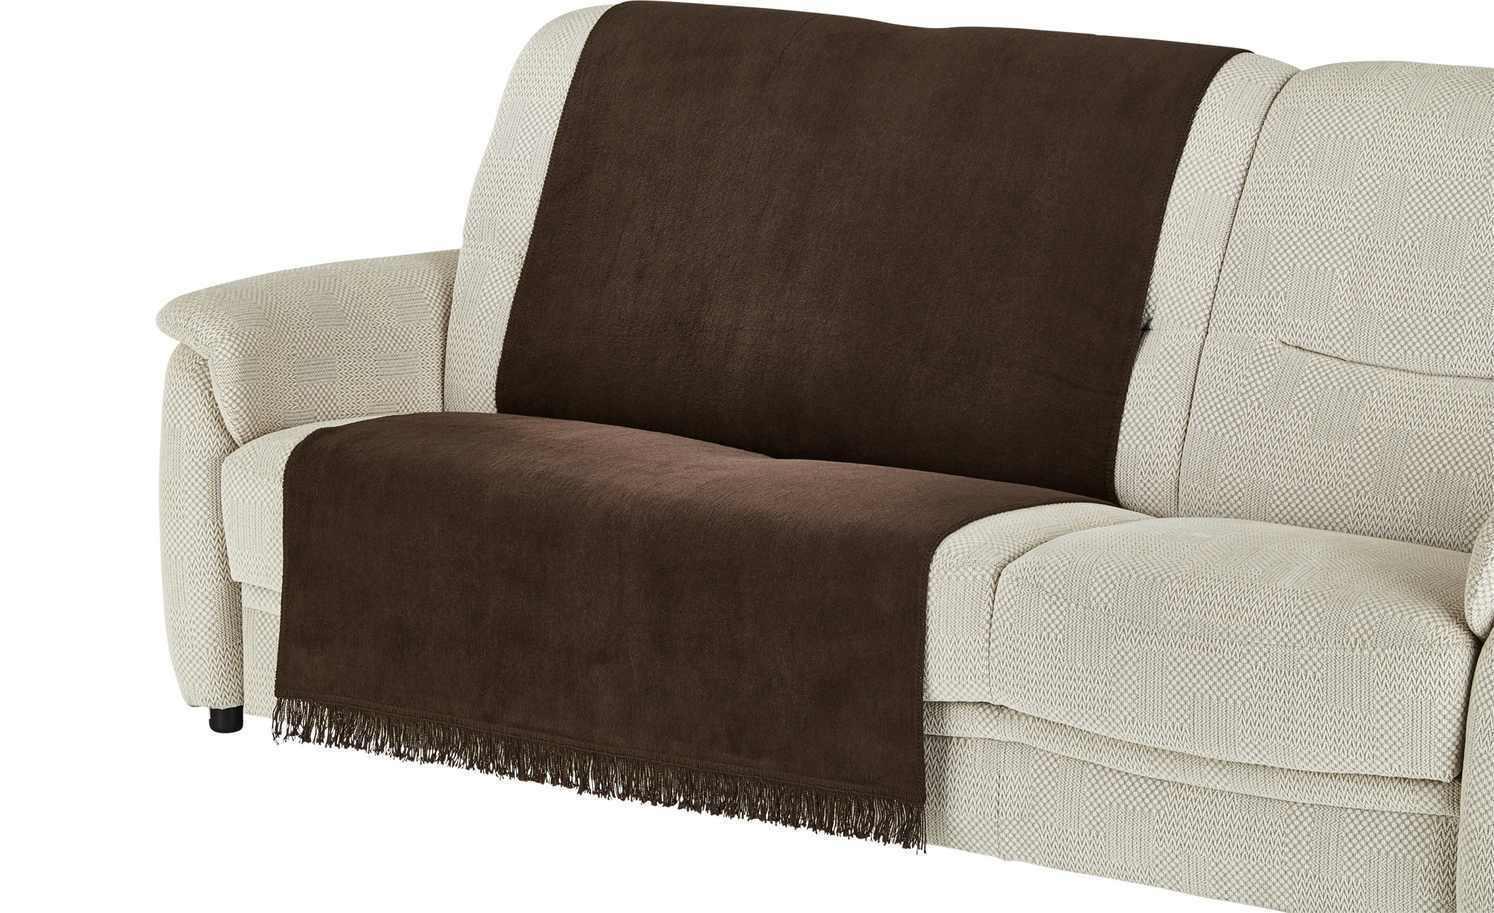 Sofaläufer Schoner Braun Baumwollmischung 200x100 cm Overlock Stitching LAVIDA